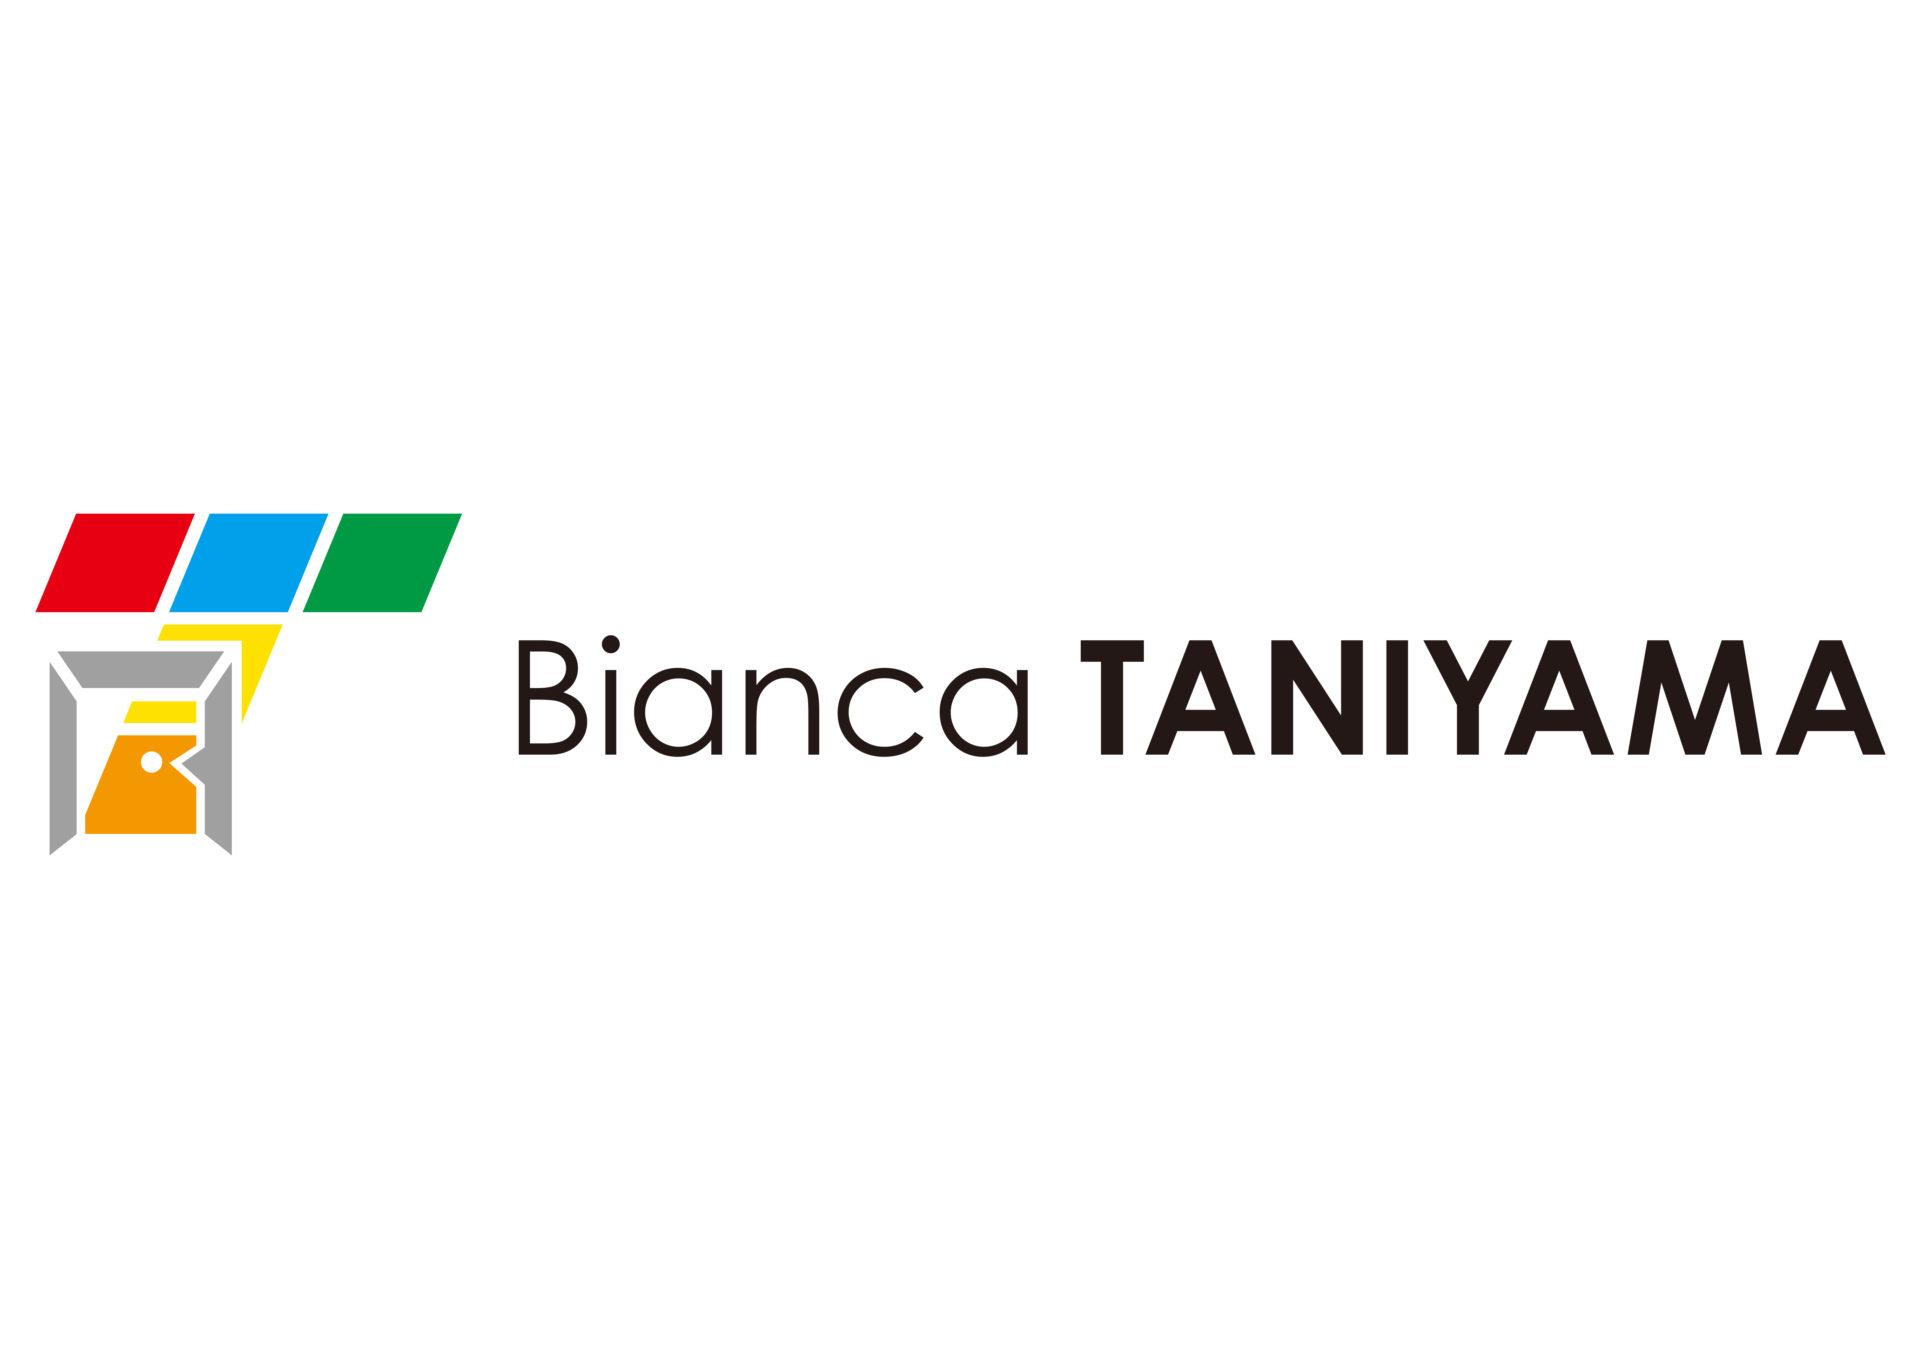 Bianca TANIYAMA ロゴ